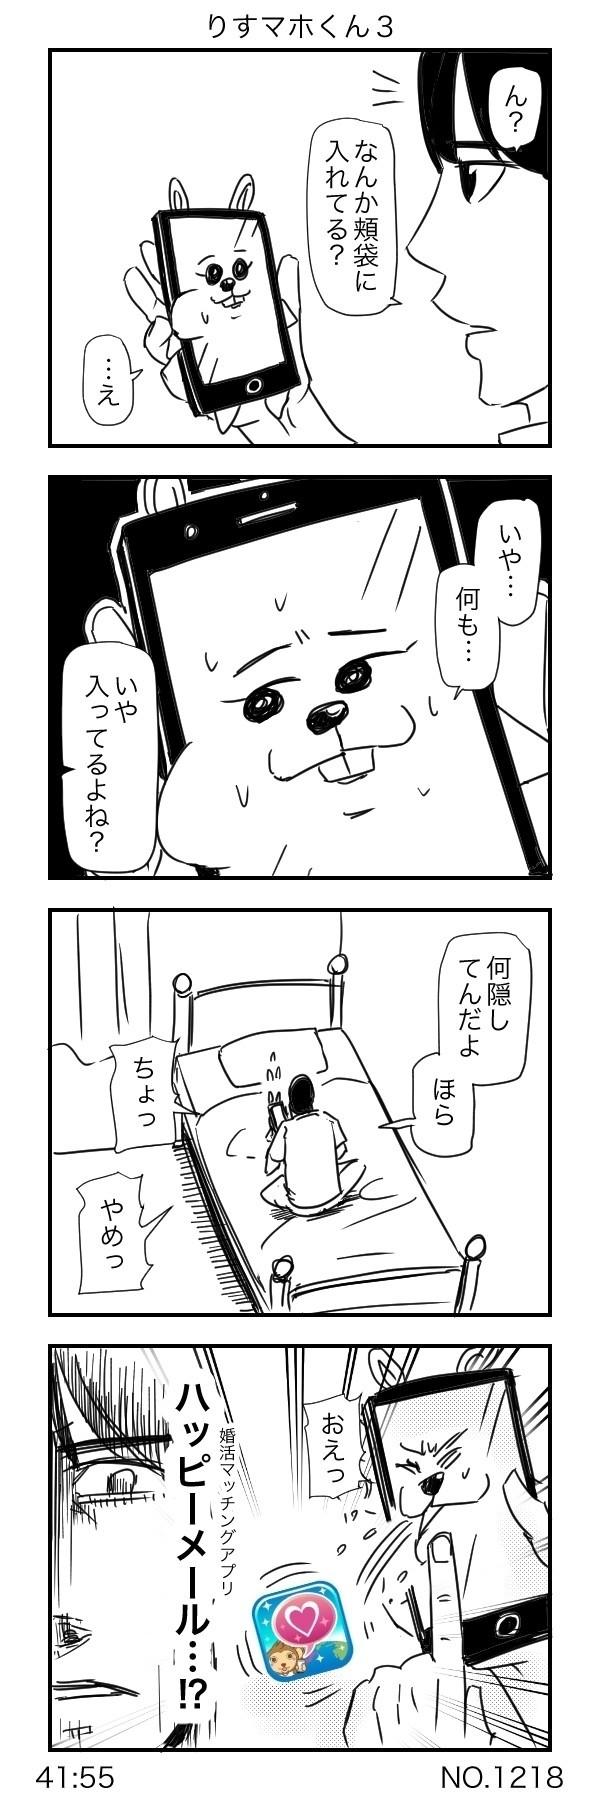 りすマホくん3